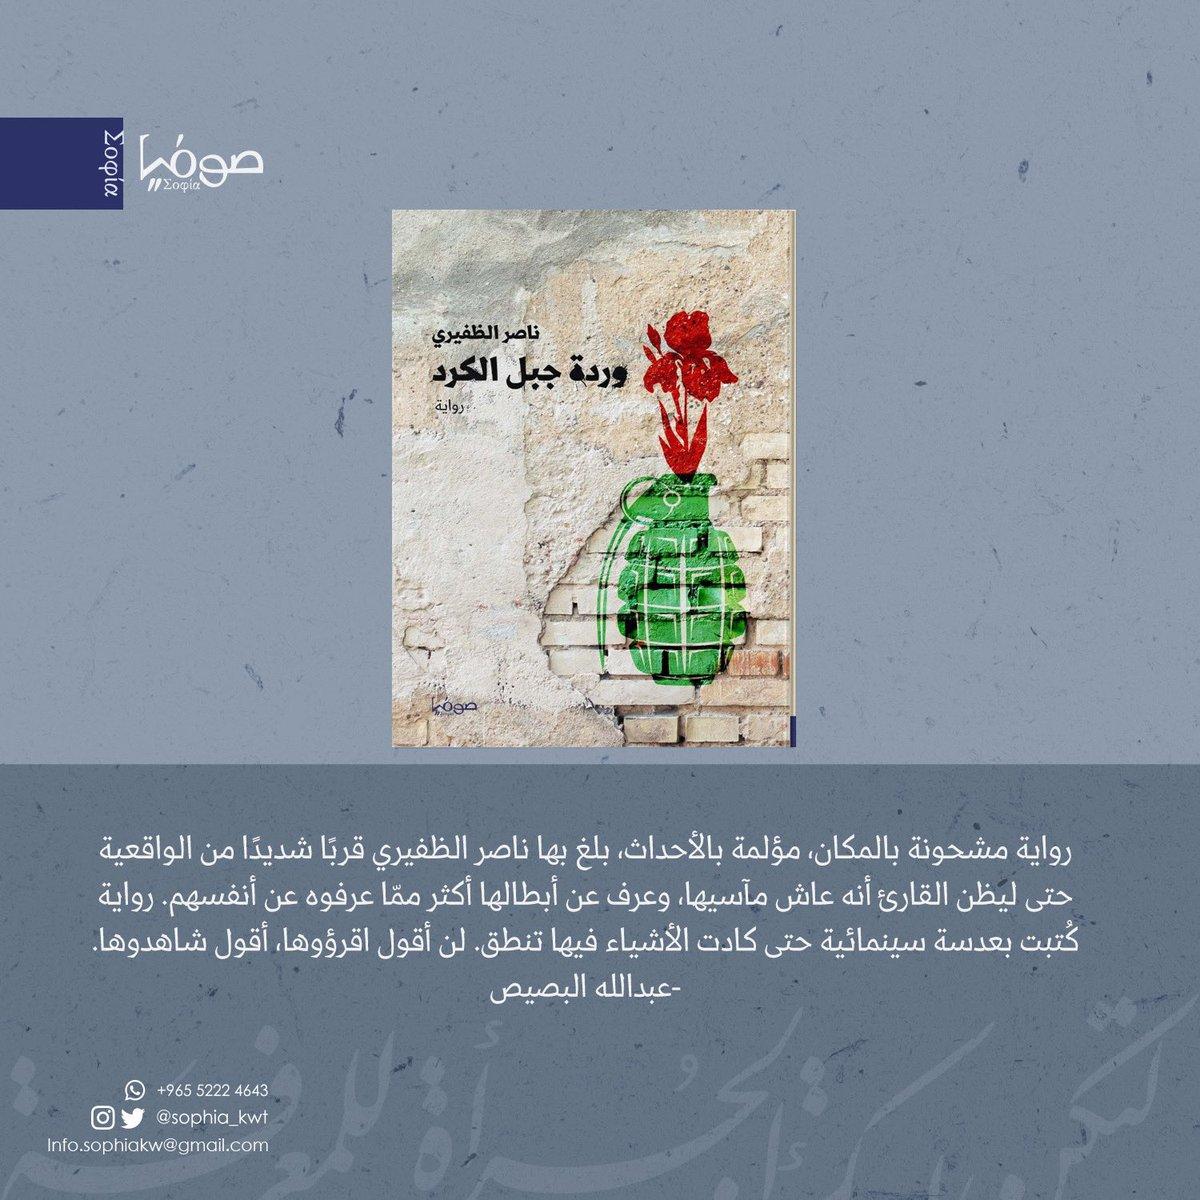 رواية #وردة_جبل_الكرد   #إصدارات_صوفيا  في #مكتبة_صوفيا | https://t.co/qc4iA37iU5 https://t.co/fvWl6mVU3j